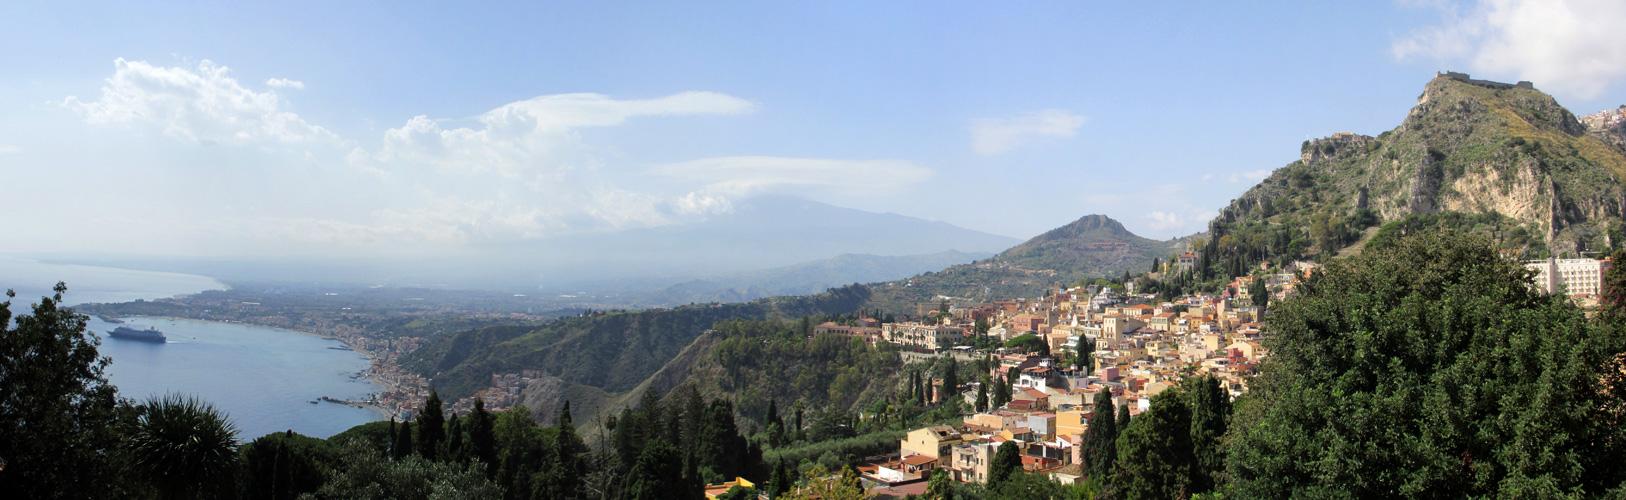 Sizilien - Taormina - Ätna